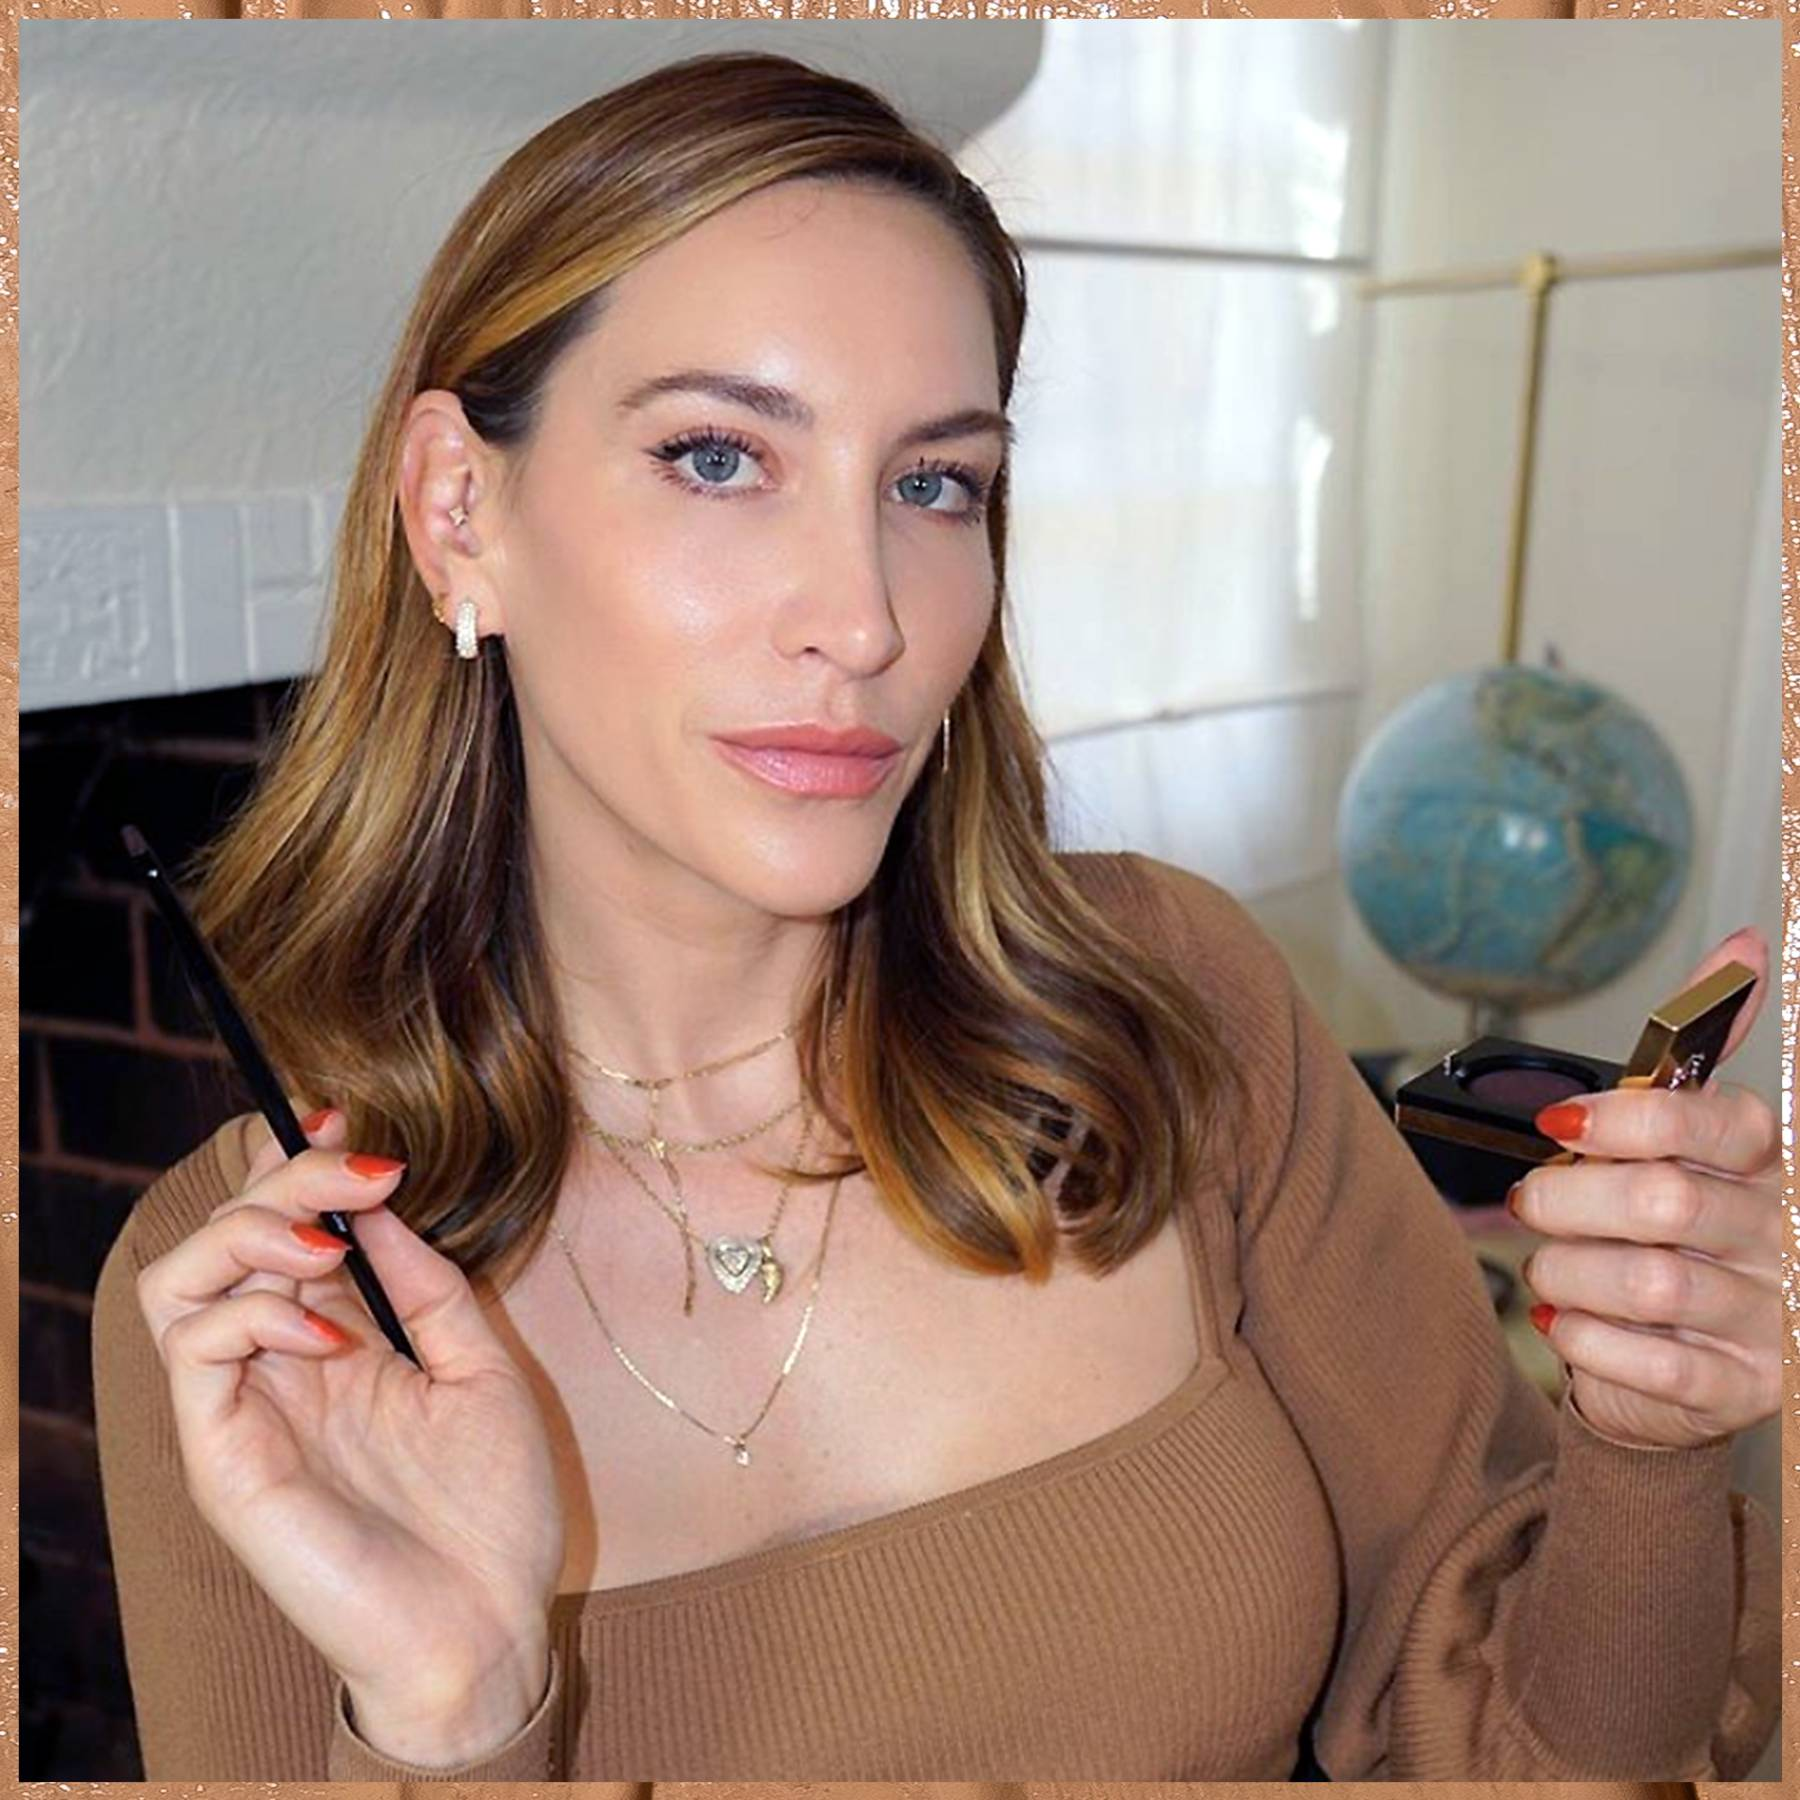 Hailey Bieber's makeup artist, Nikki DeRoest, reveals her 7 steps to glowy skin